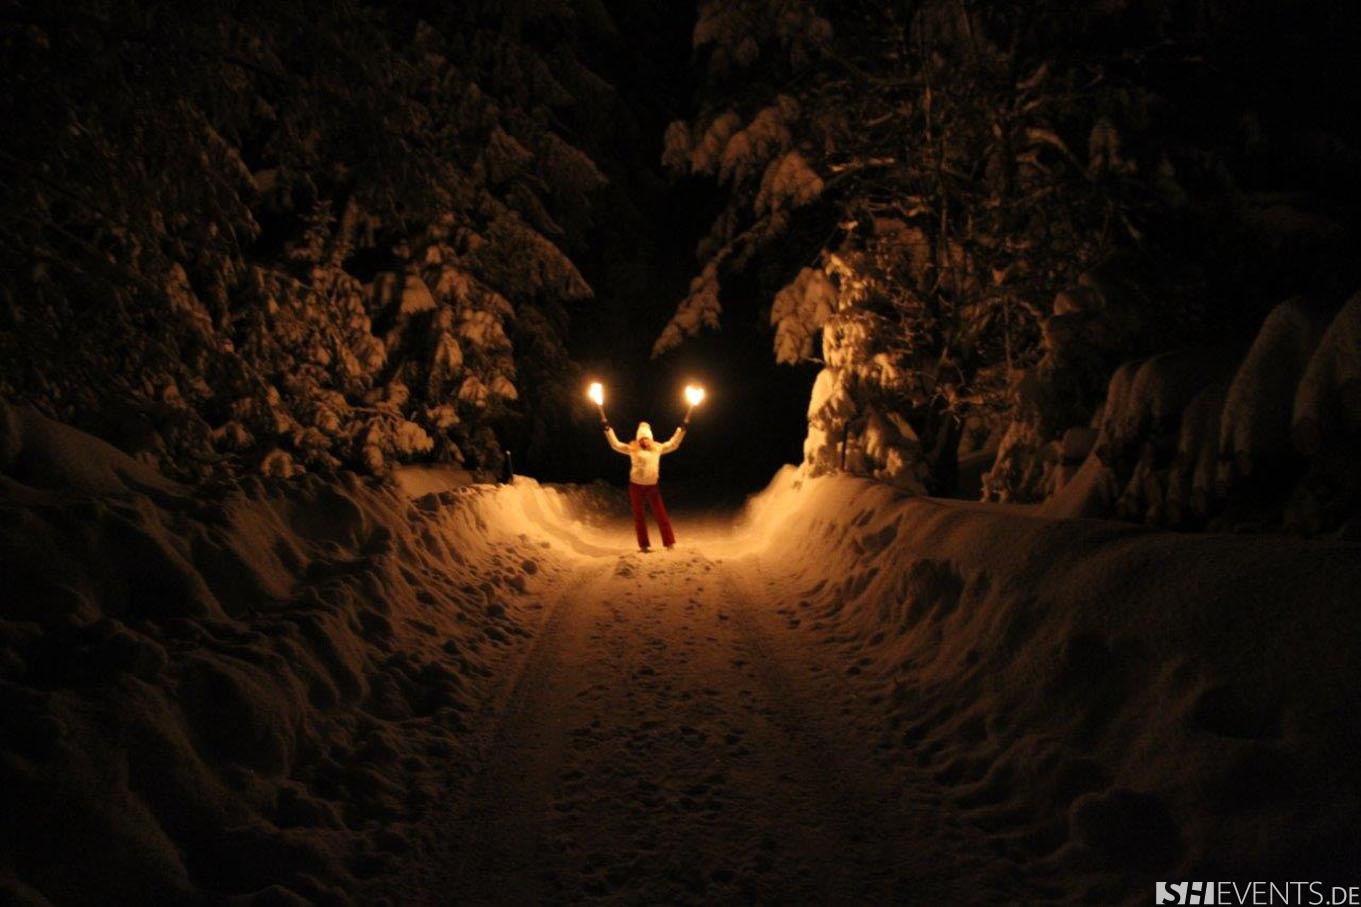 Dame mit Fackeln im Wald